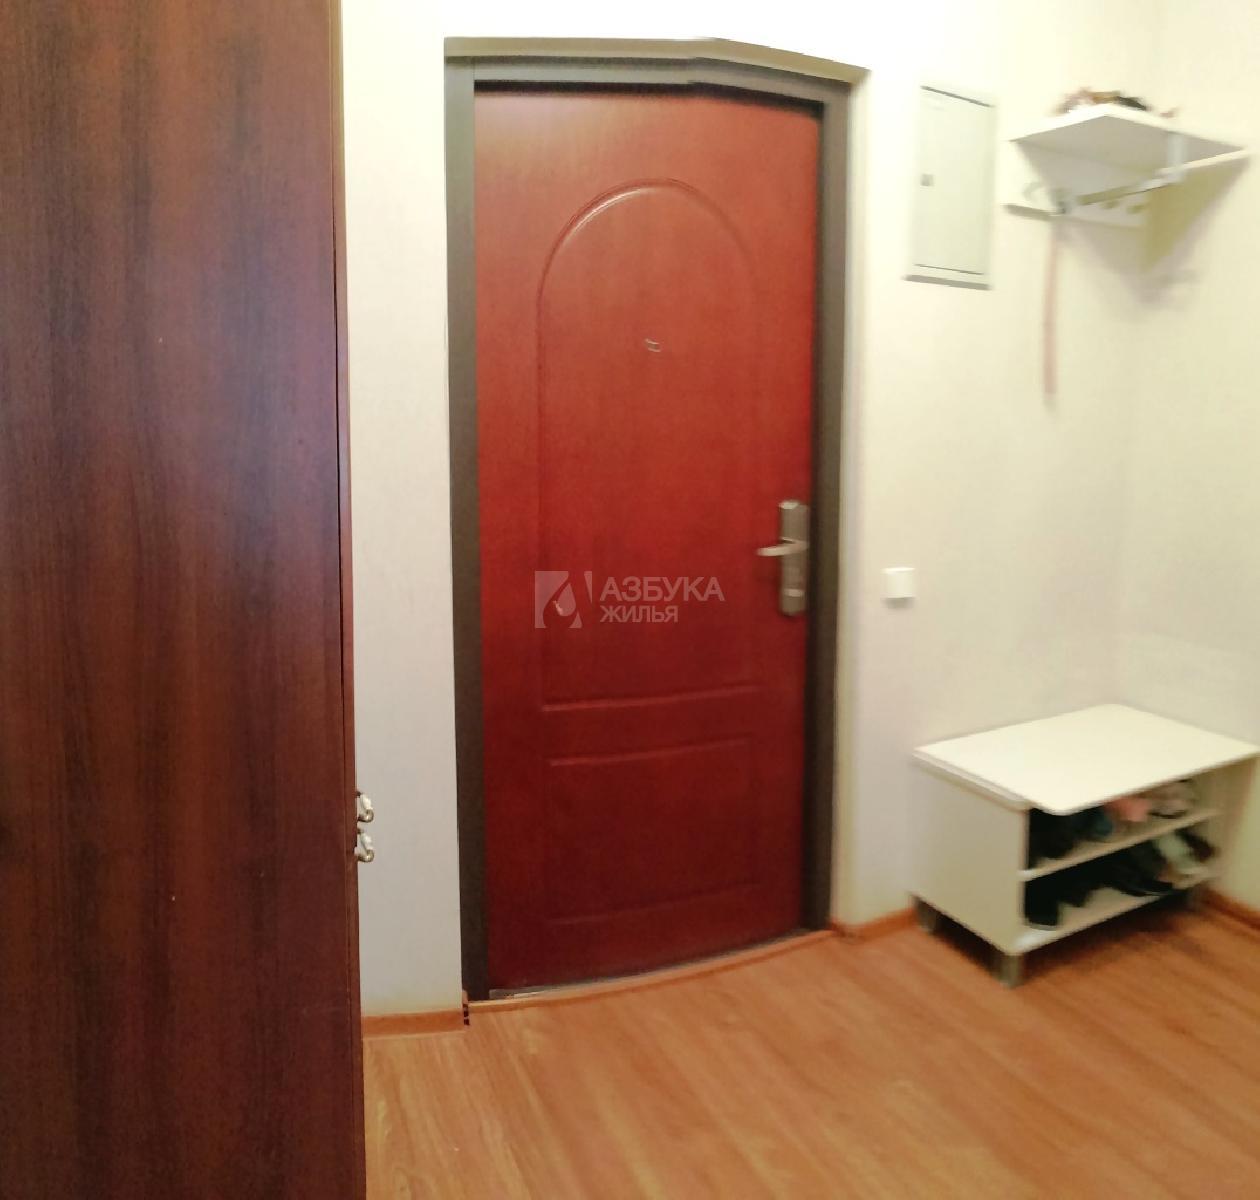 Фото №10 - 2-комнатная квартира, Москва, Загородное шоссе 8 корпус 2, метро Крымская